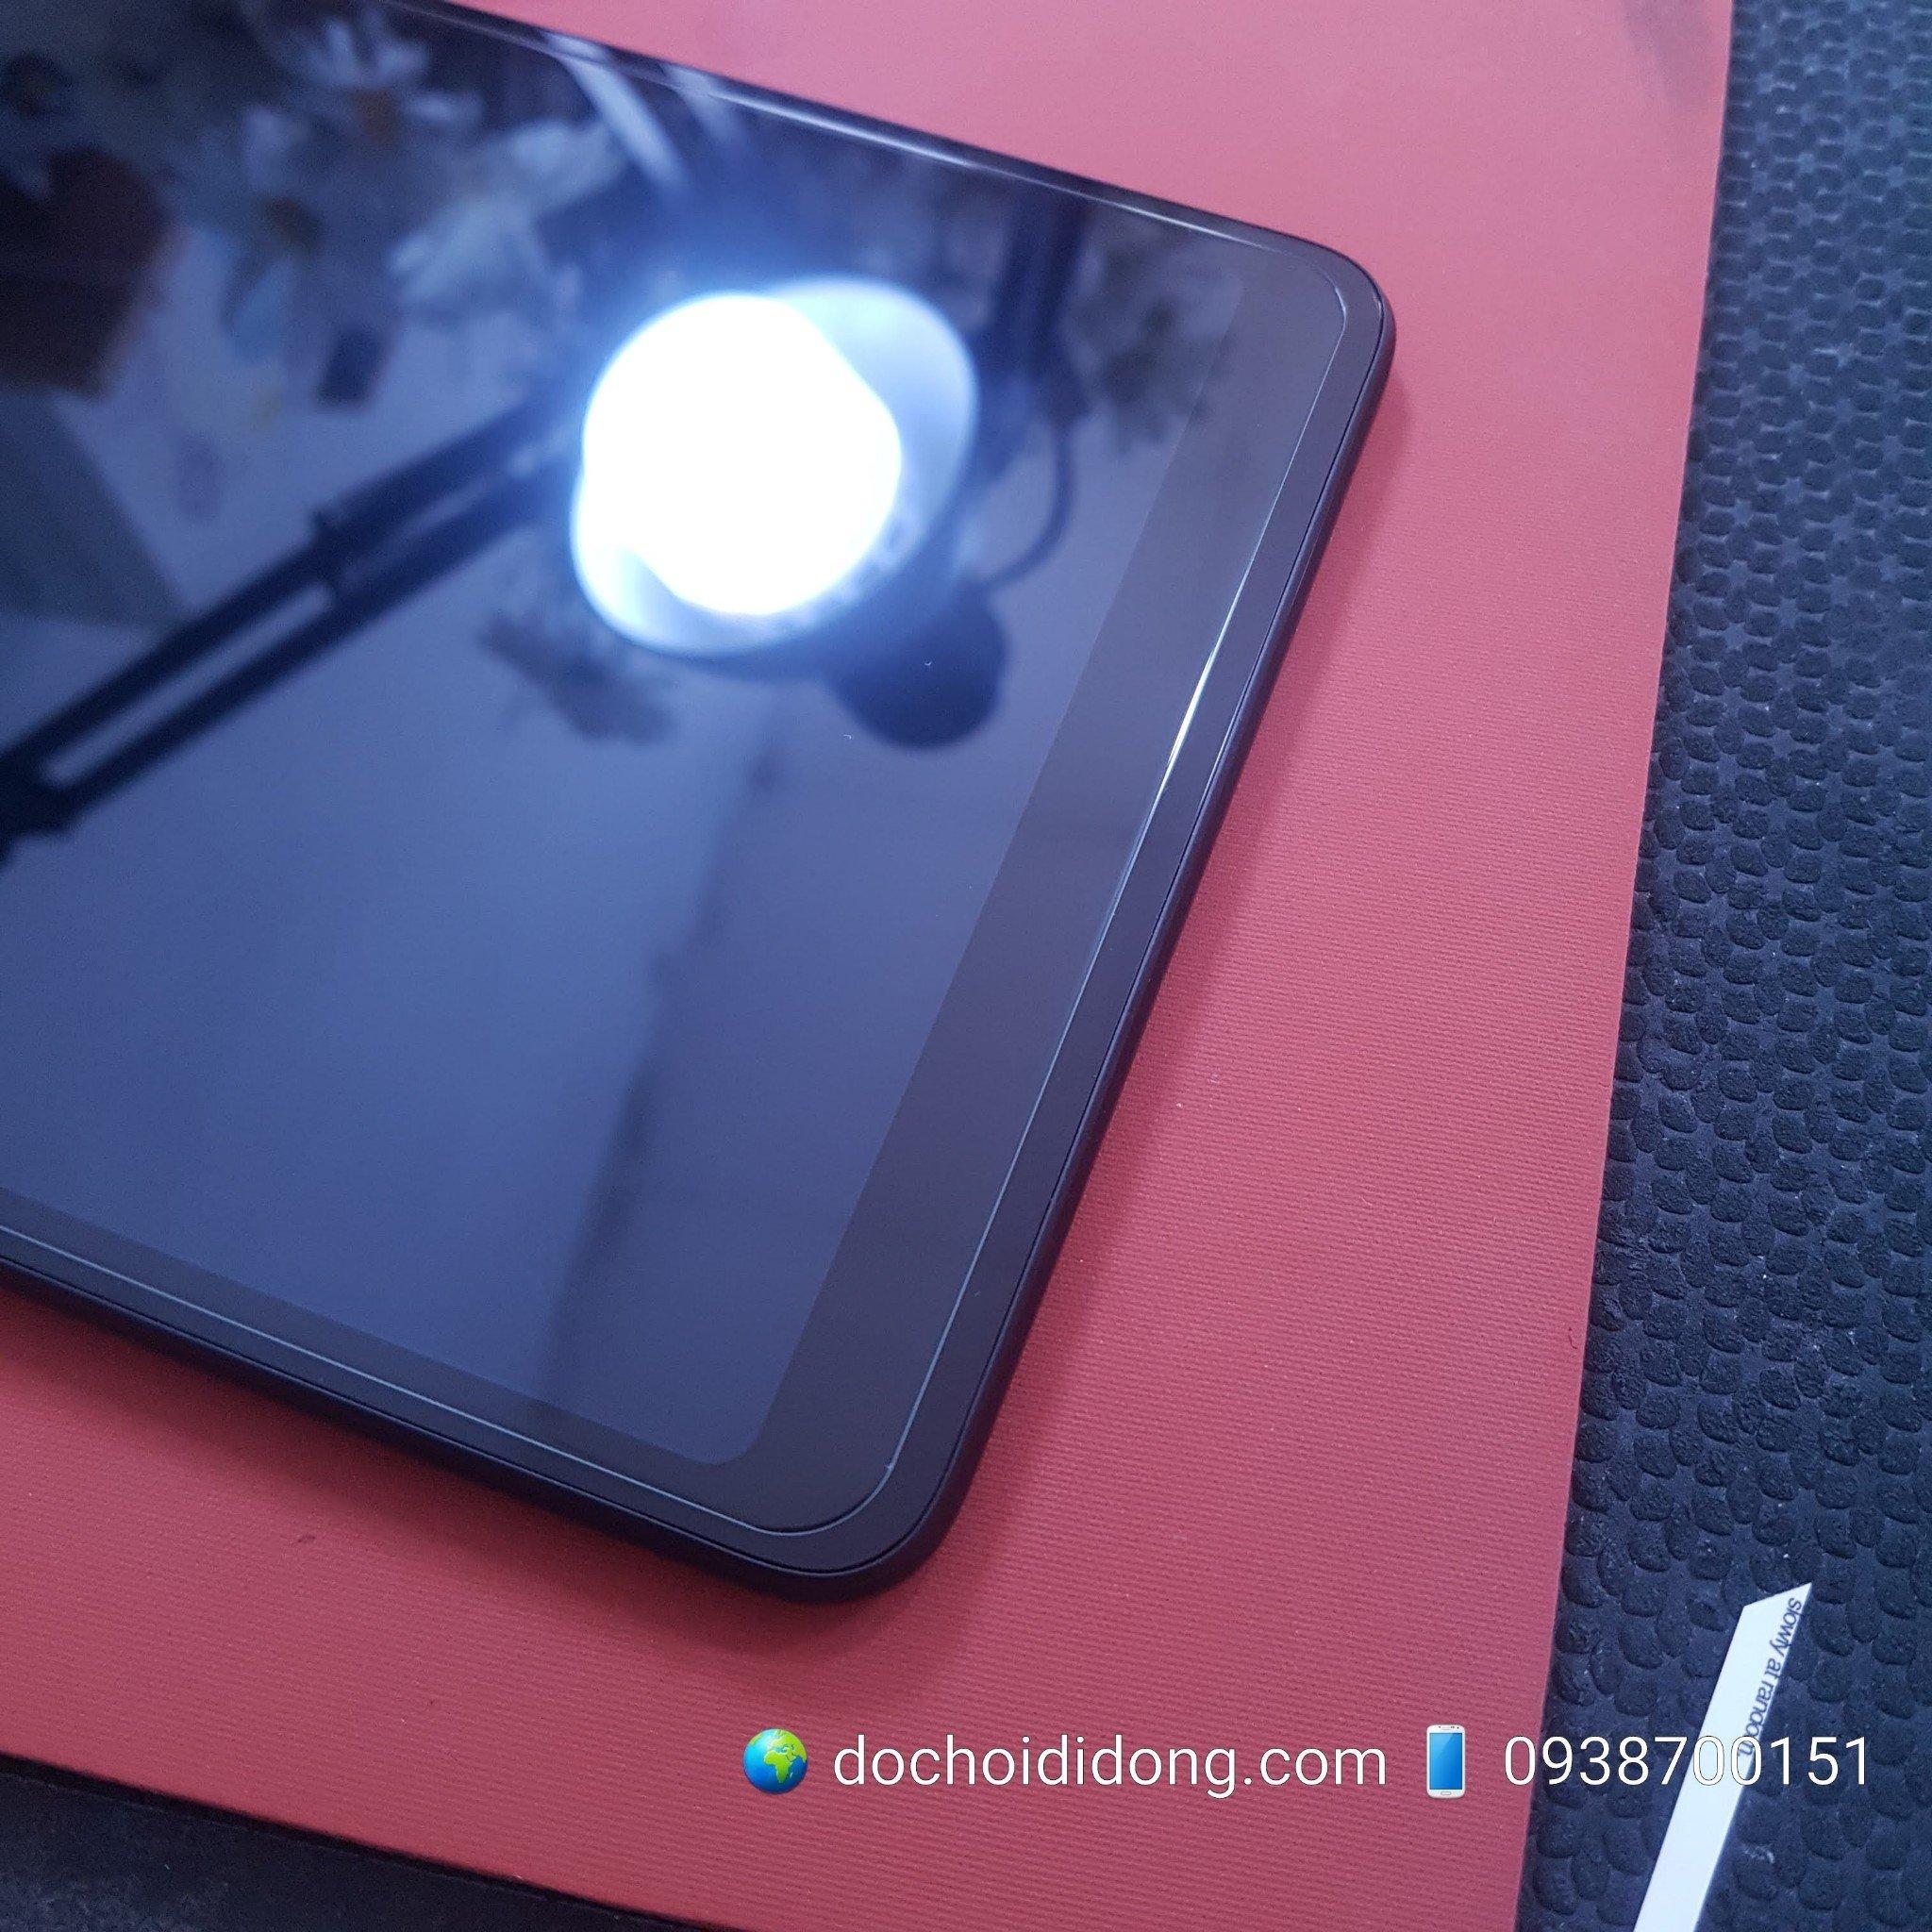 Miếng dán cường lực Xiaomi Mi Pad 4 Zacase Tablet Premium